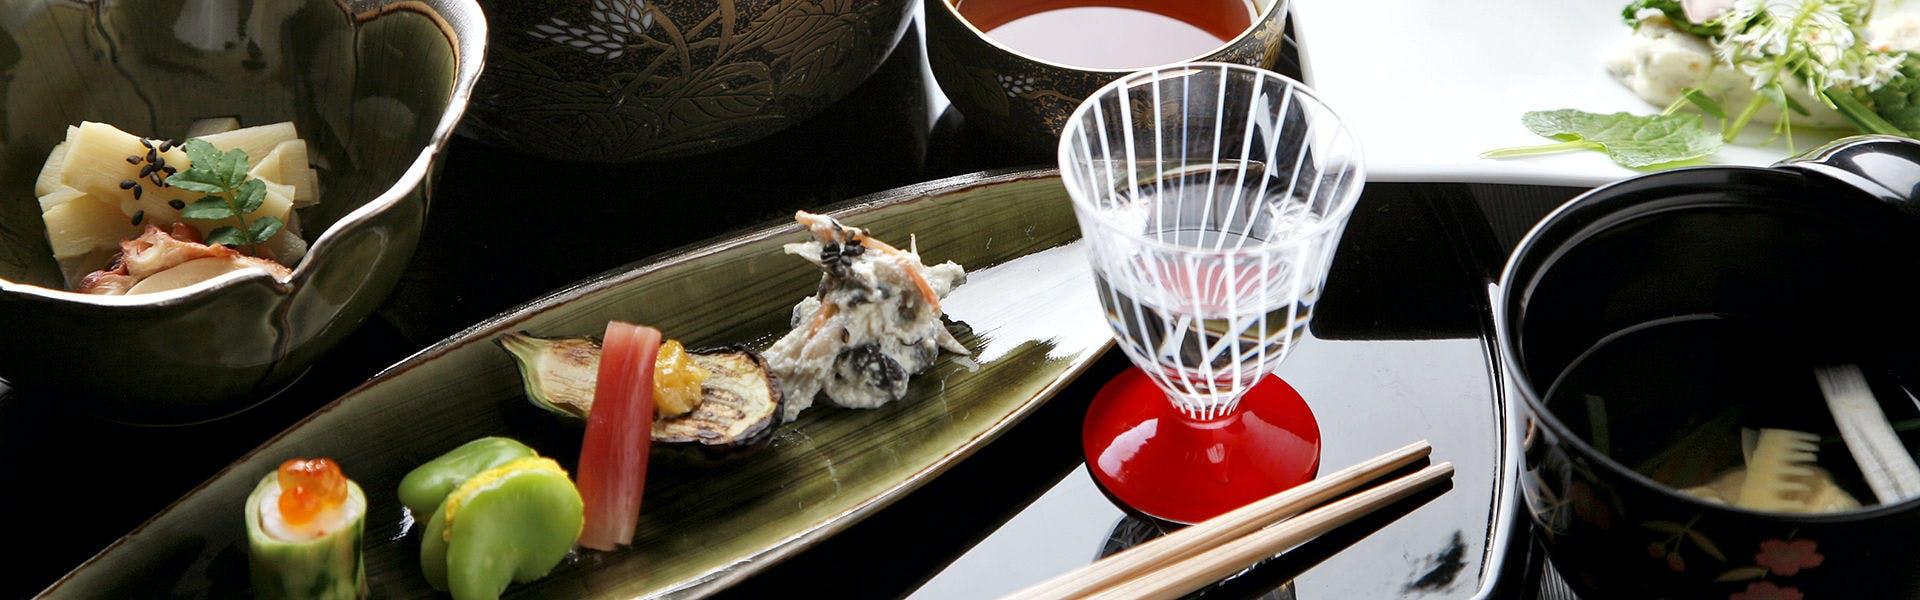 記念日におすすめのホテル・登別温泉郷 滝乃家の写真3